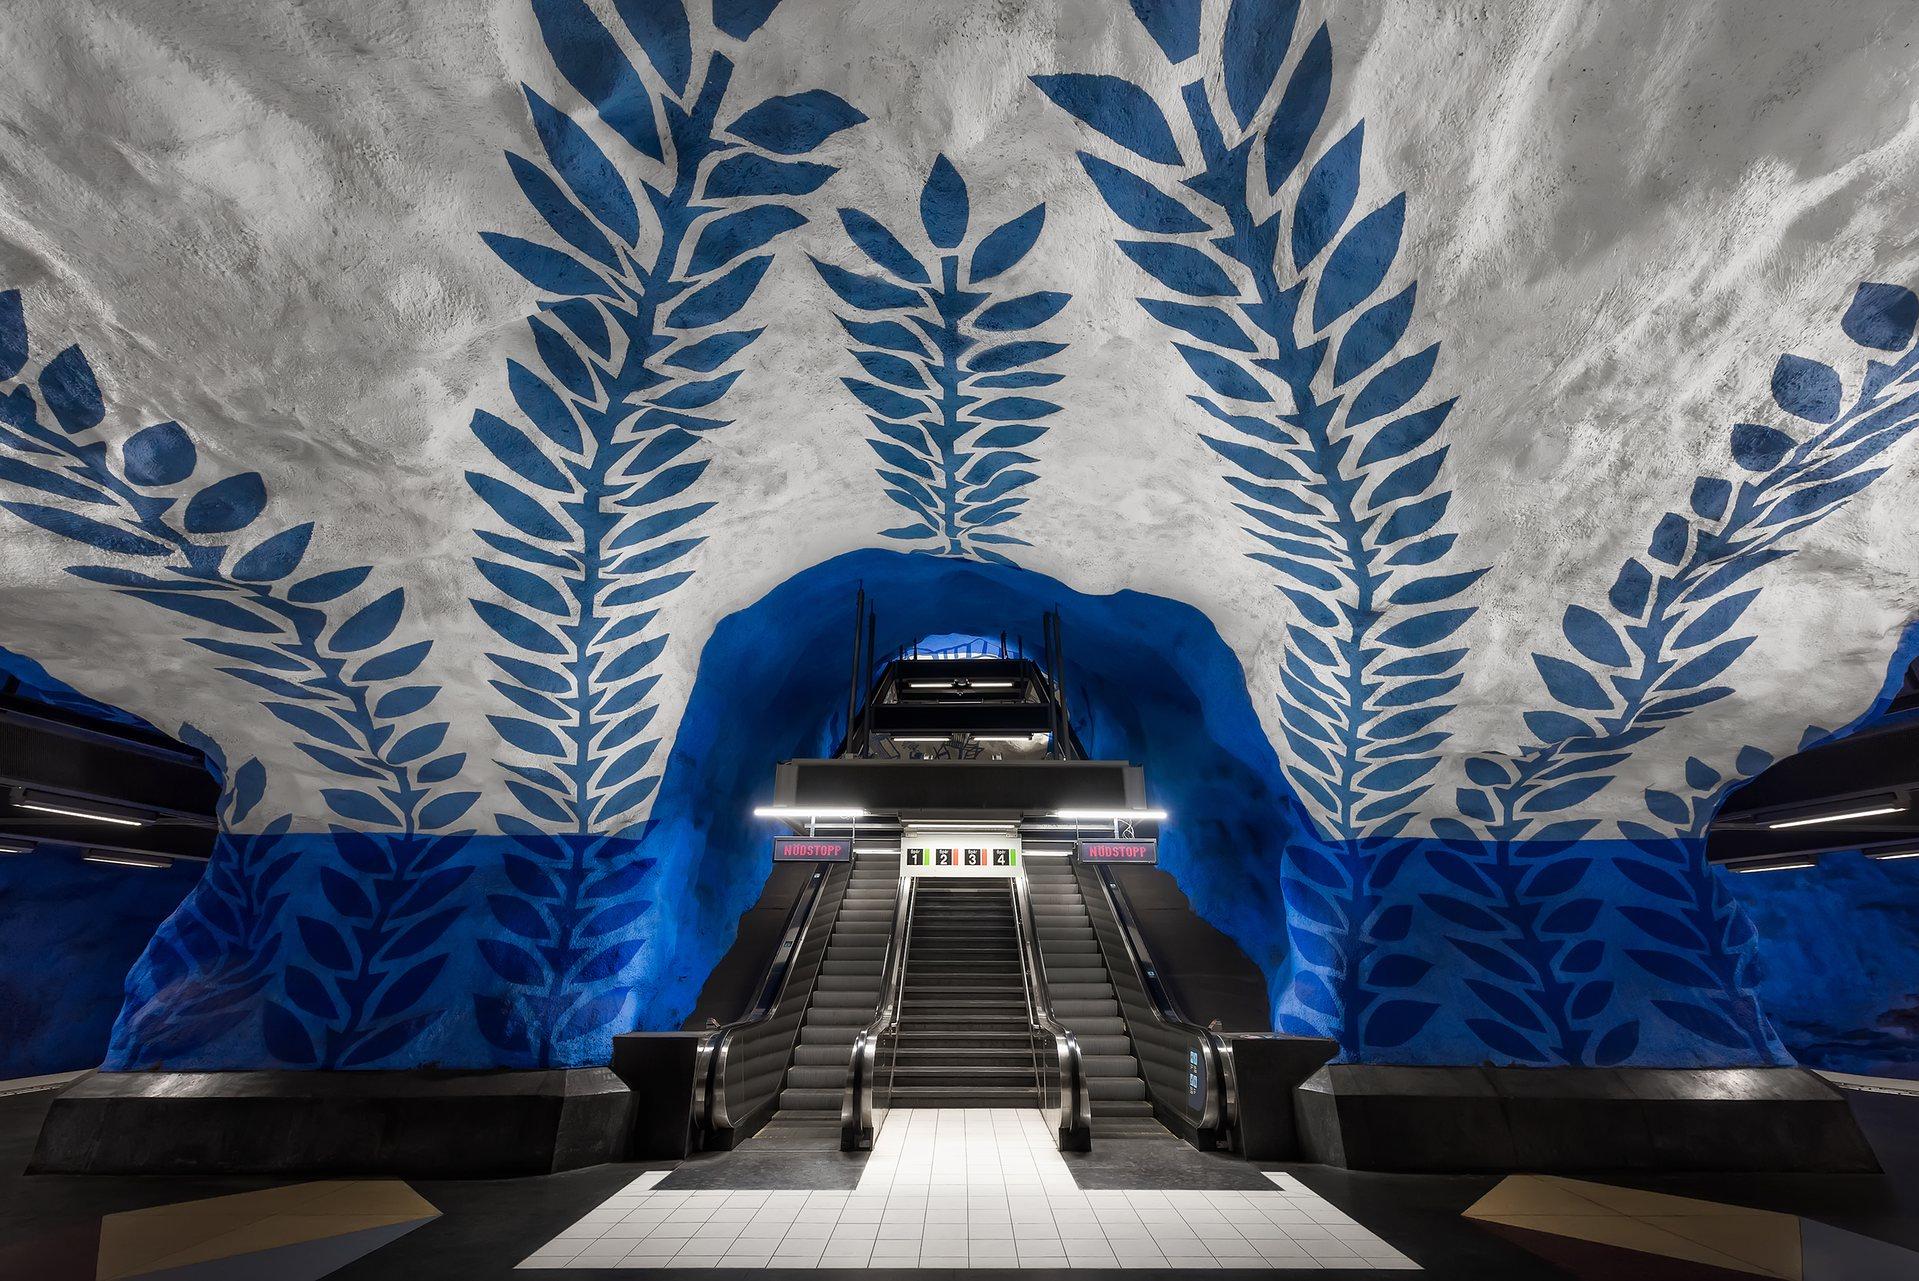 A T-Centralen megállóban kék szőlőtőkék lepik el a plafont.